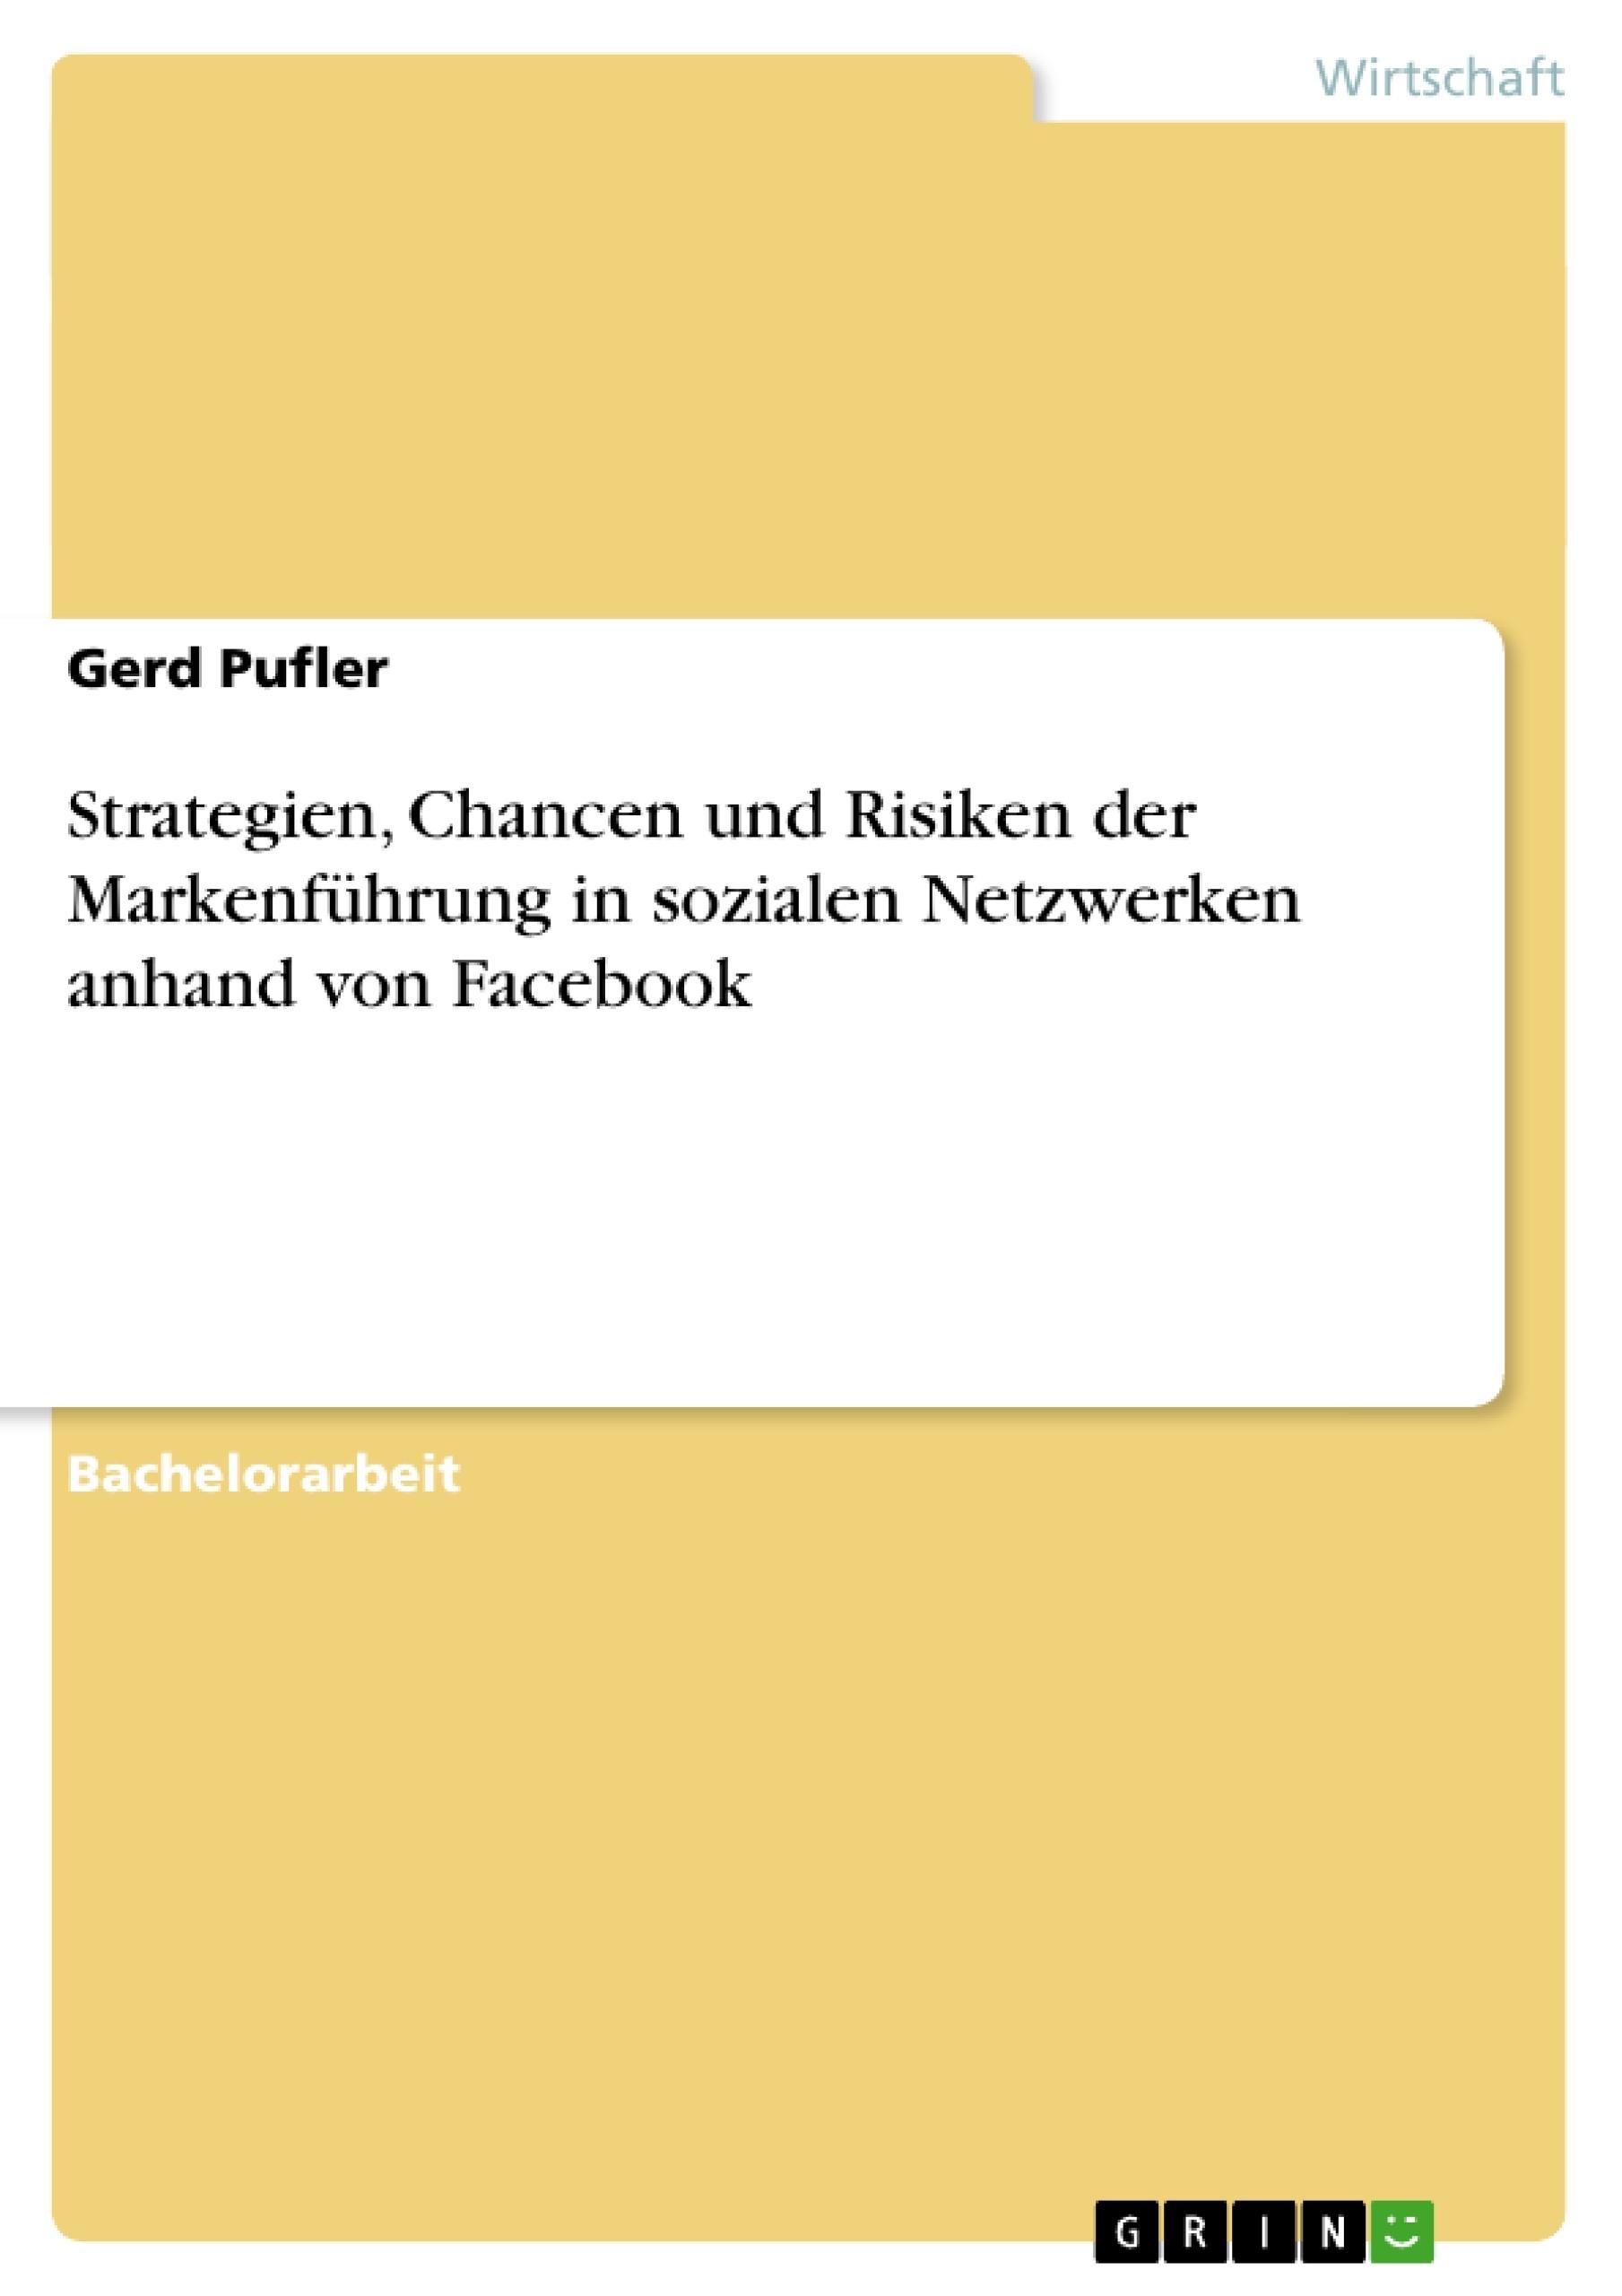 Titel: Strategien, Chancen und Risiken der Markenführung in sozialen Netzwerken anhand von Facebook